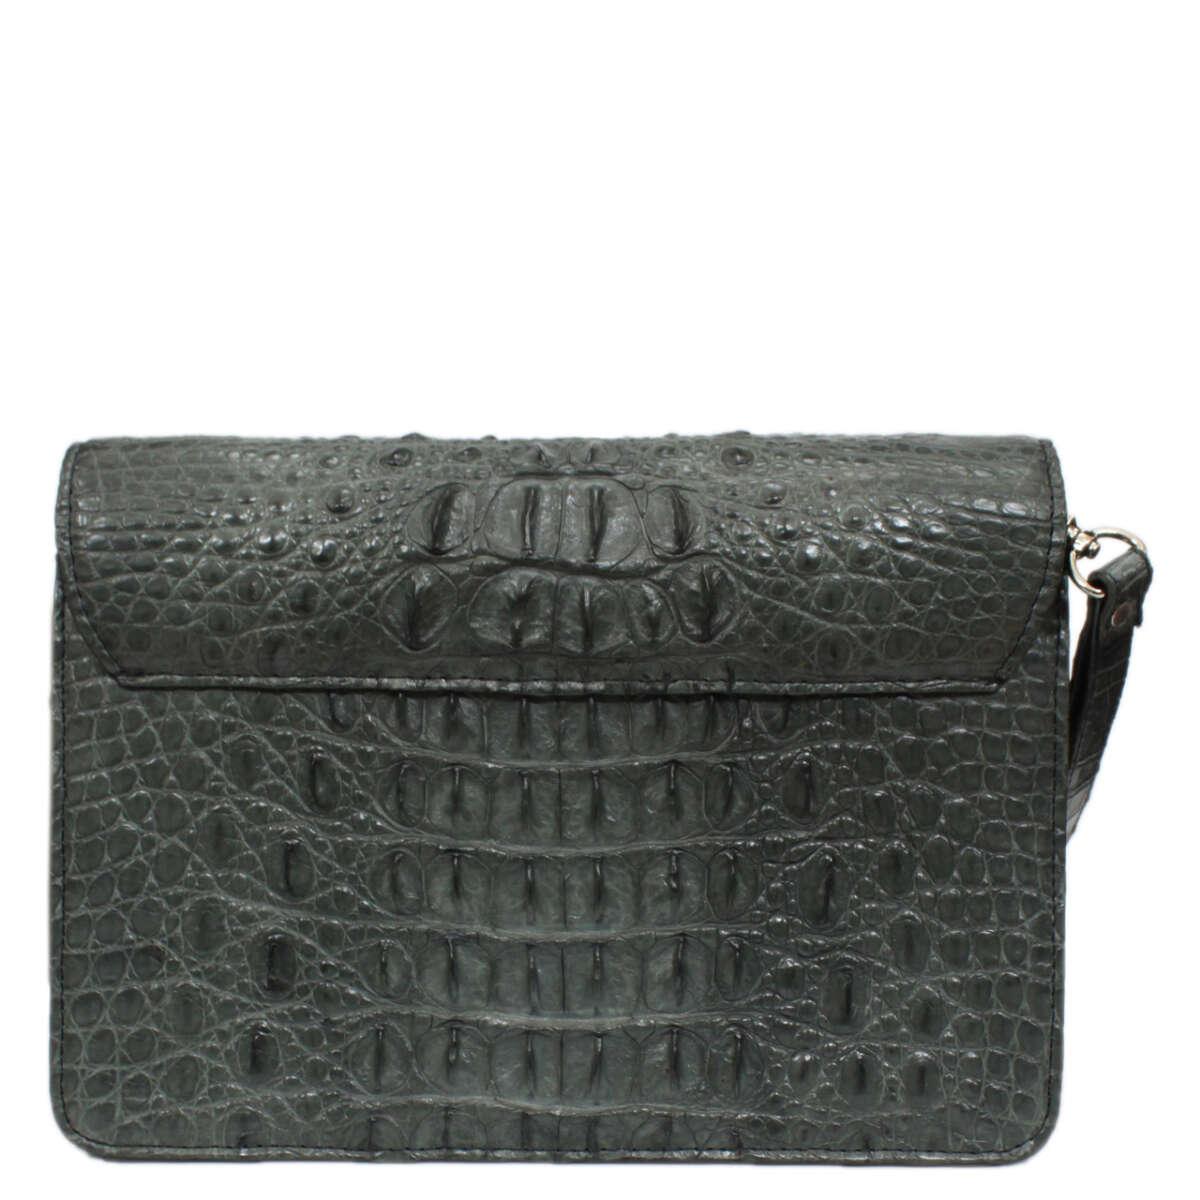 Túi cầm tay nữ da cá sấu S152a